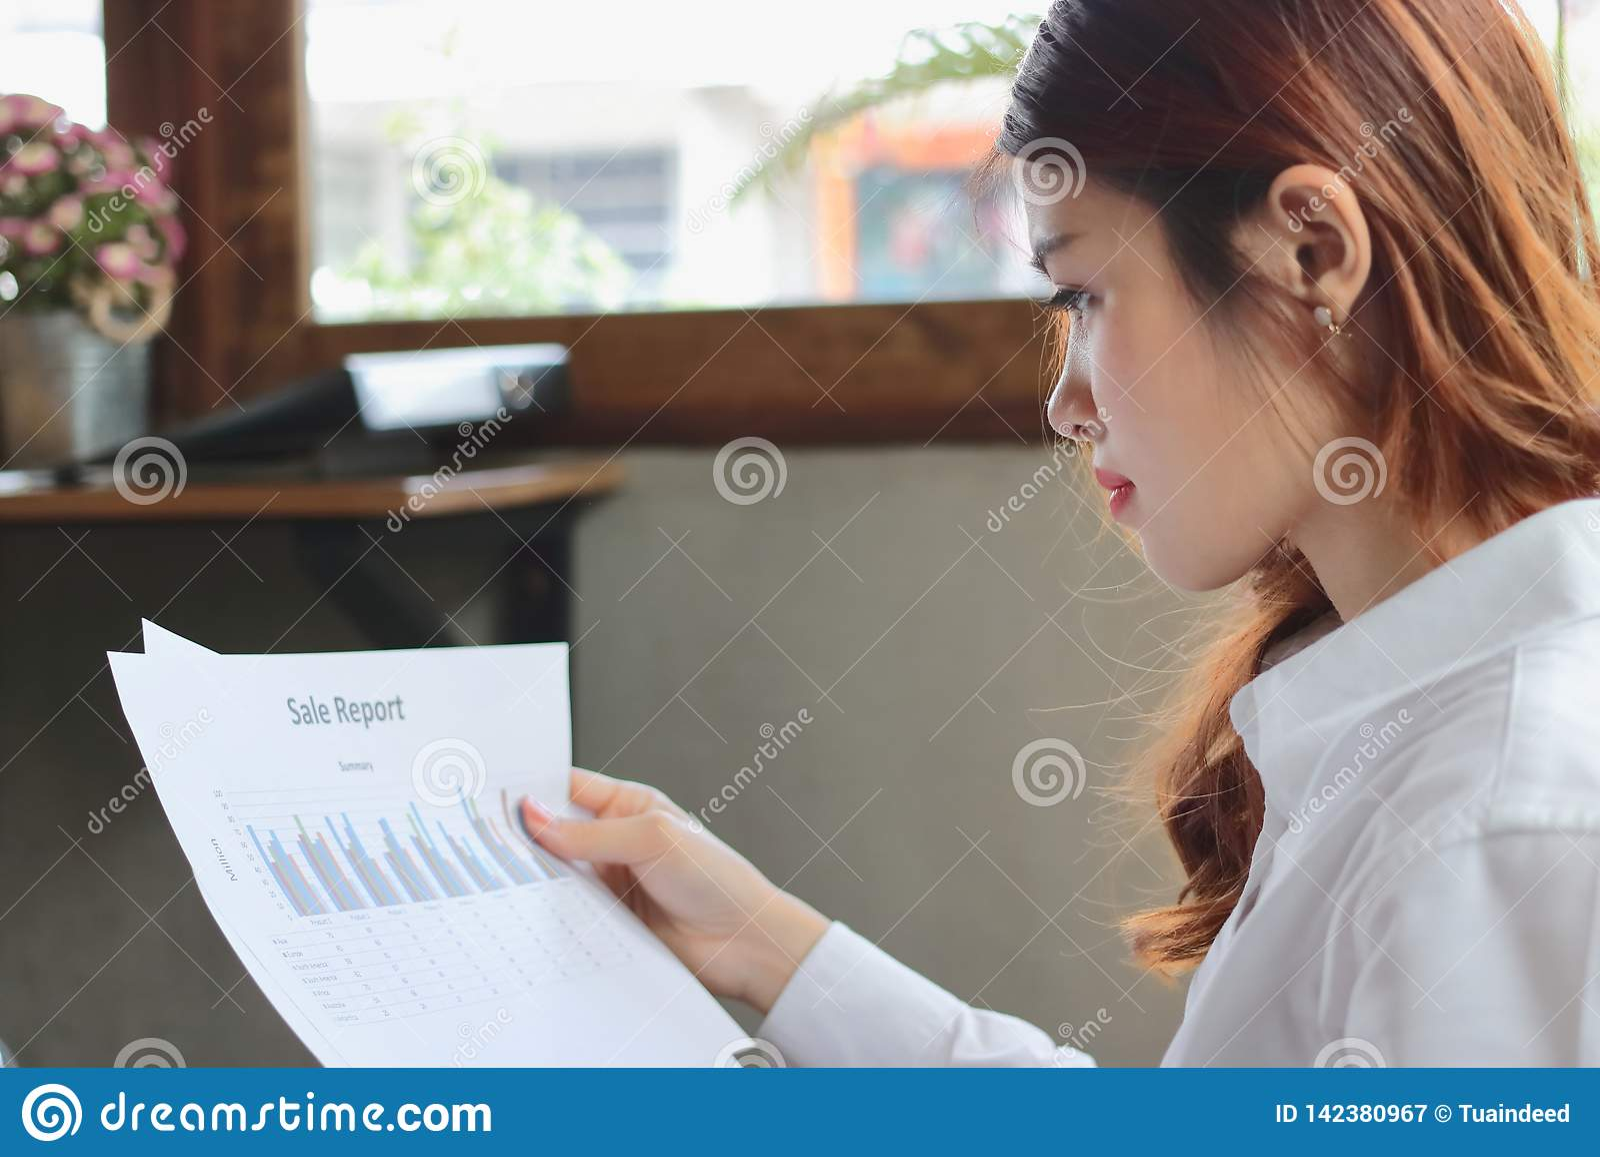 Επαγγελματική νέα ασιατική επιχειρησιακή γυναίκα που αναλύει τα διαγράμματα ή γραφική εργασία στην αρχή